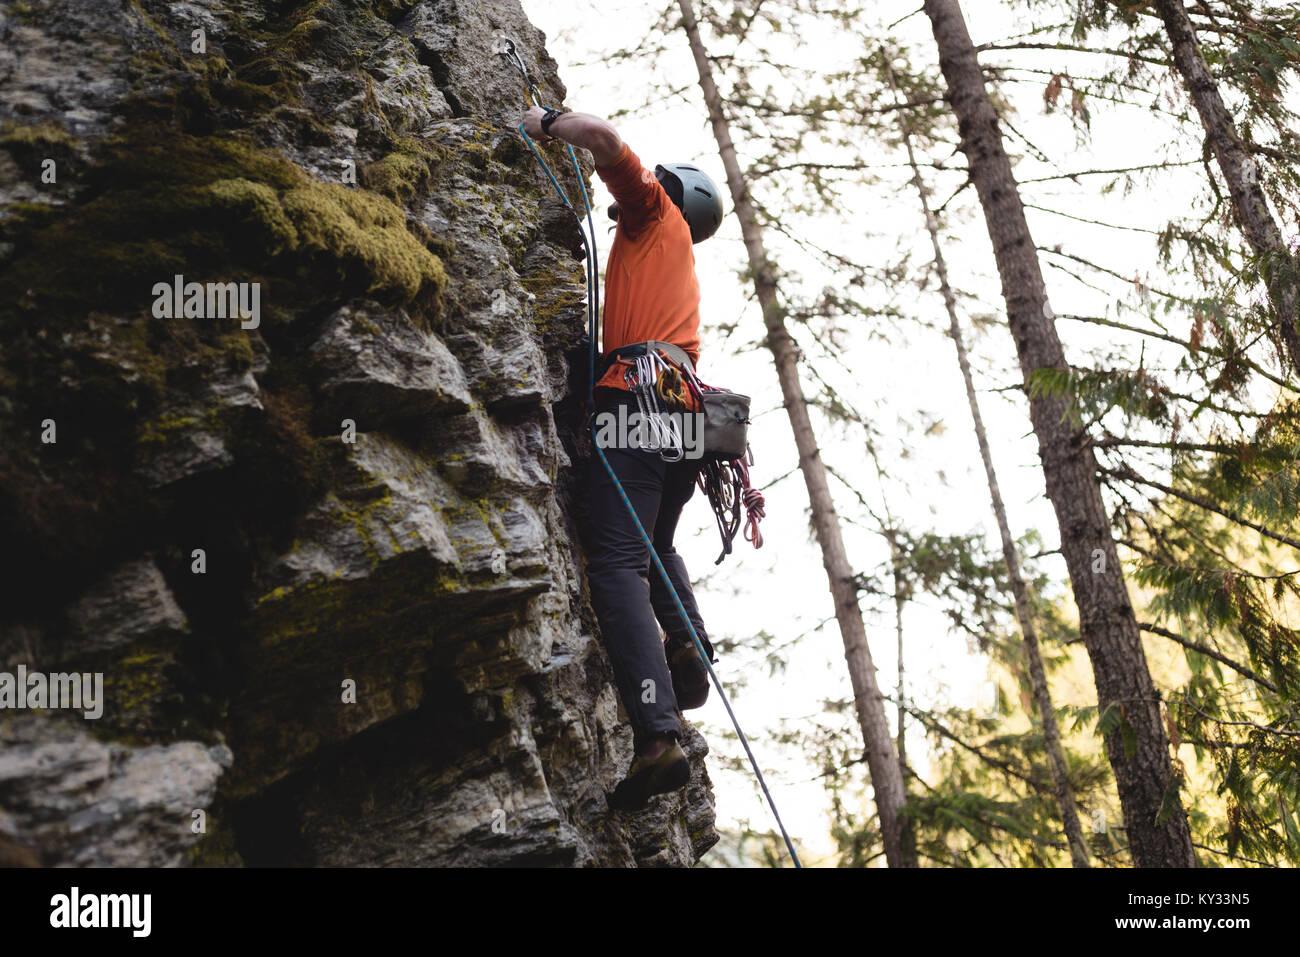 Kletterer Klettern den felsigen Klippen Stockbild